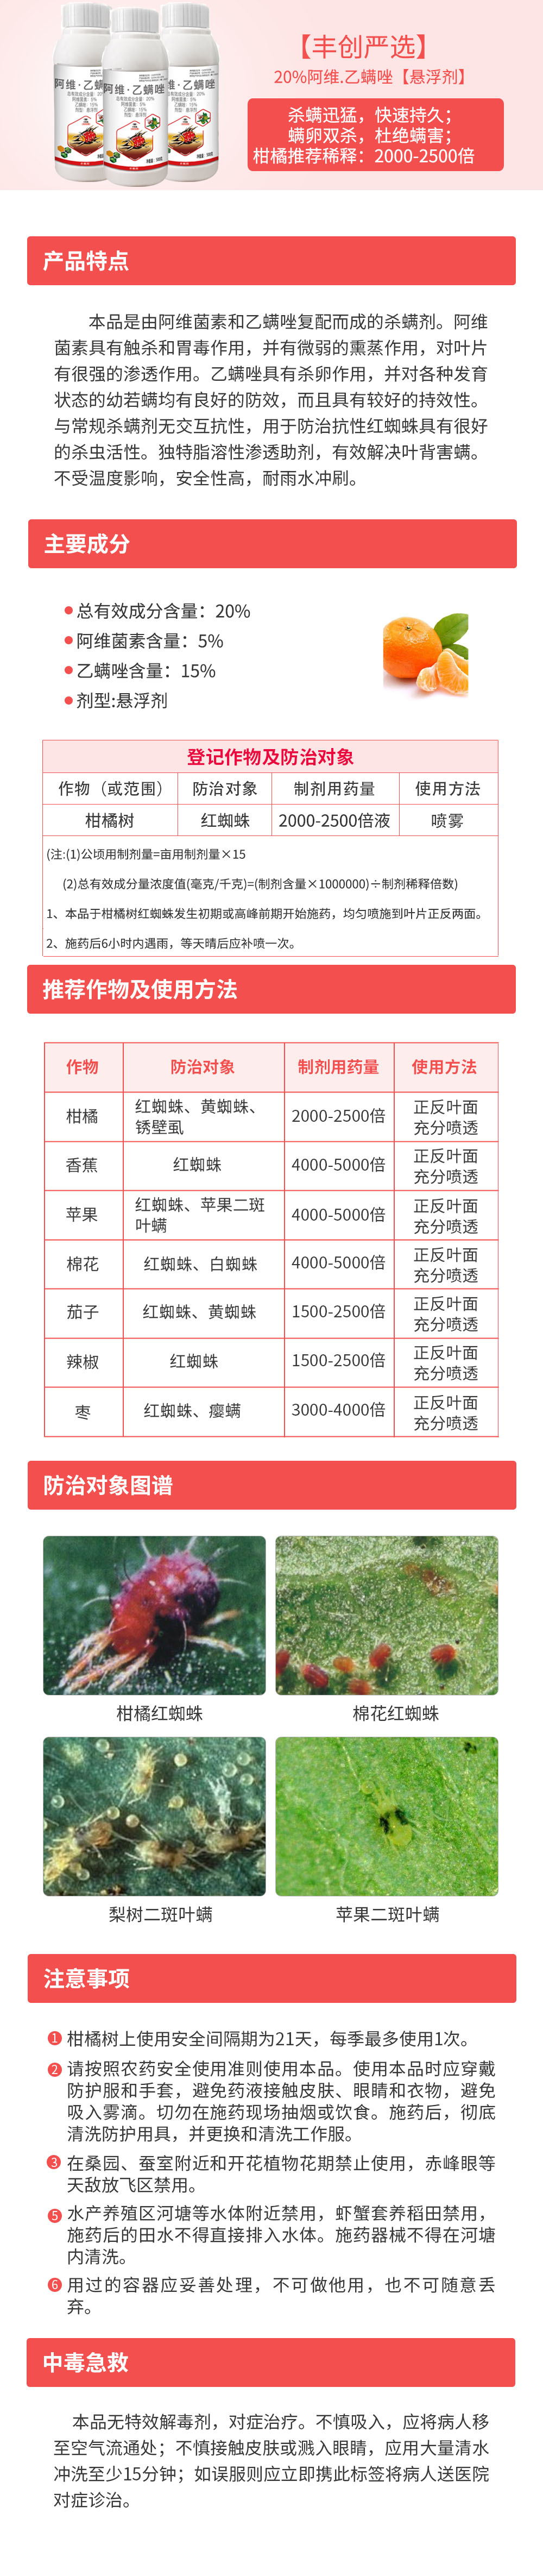 植物龙模板_看图王.jpg